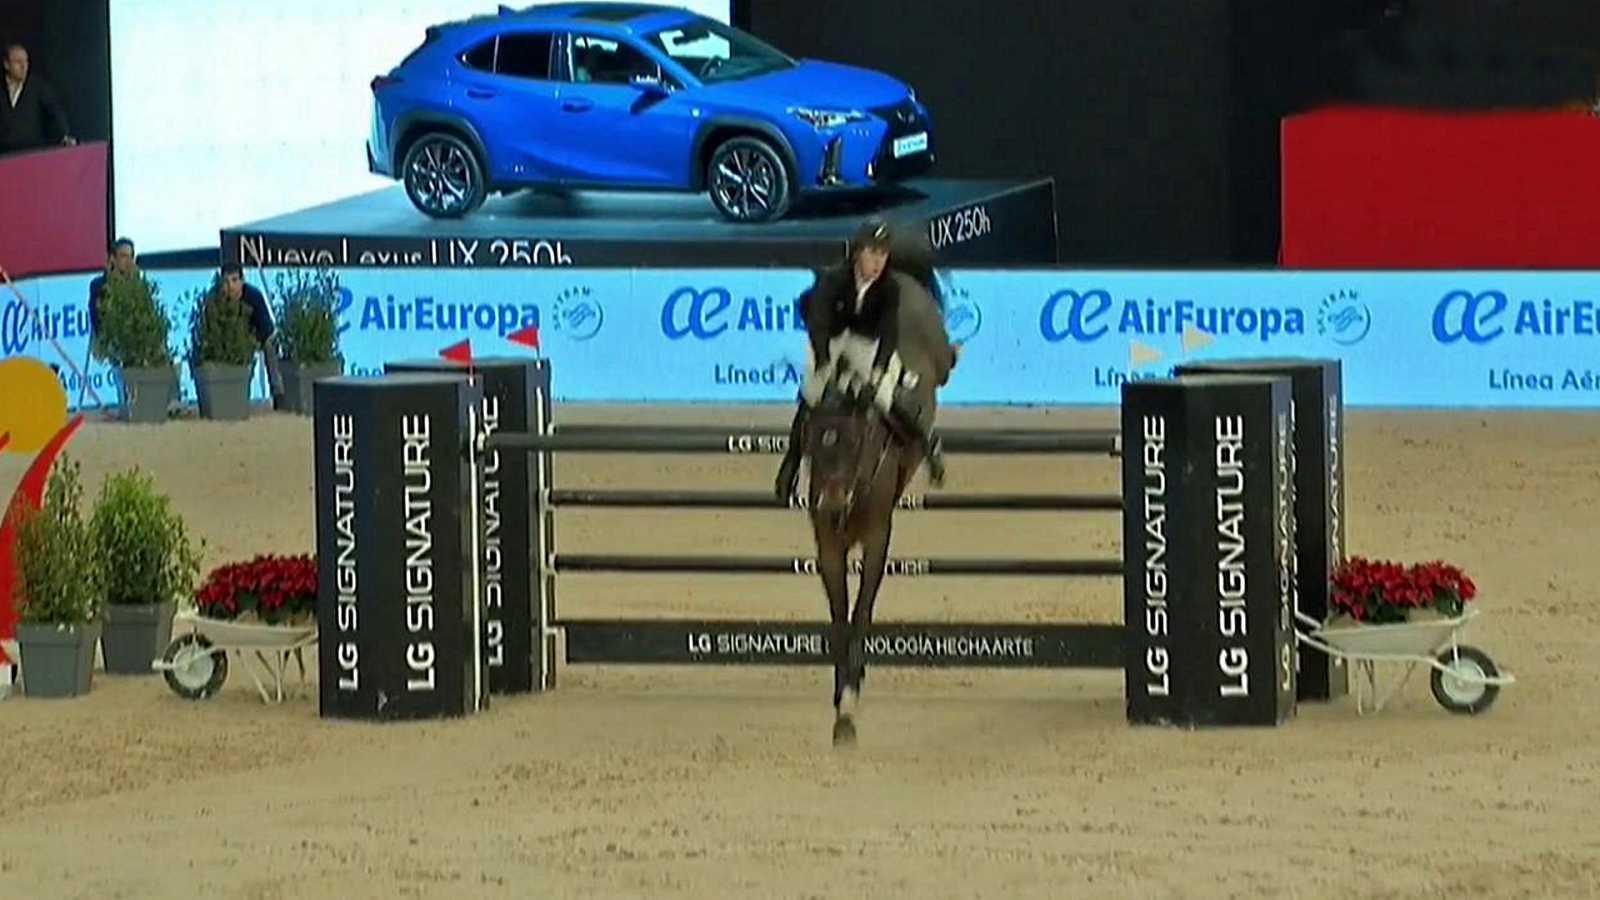 Hípica - Desde Madrid. Concurso de saltos Madrid Horse Week. Trofeo Universidad Alfonso X el Sabio - Caballos 21 al 42 - ver ahora